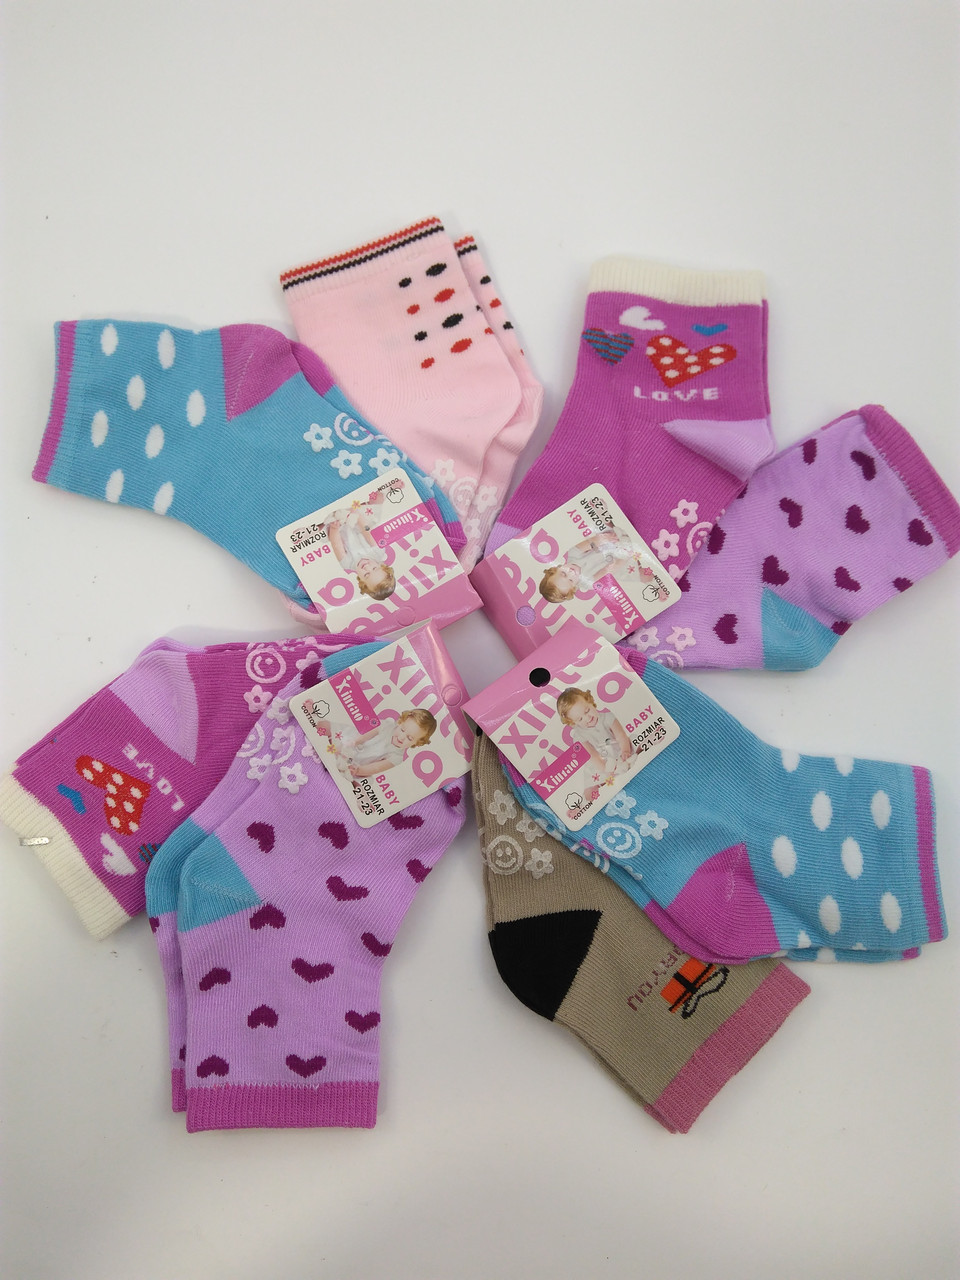 Детские носки Xintao 18-20 размер обуви